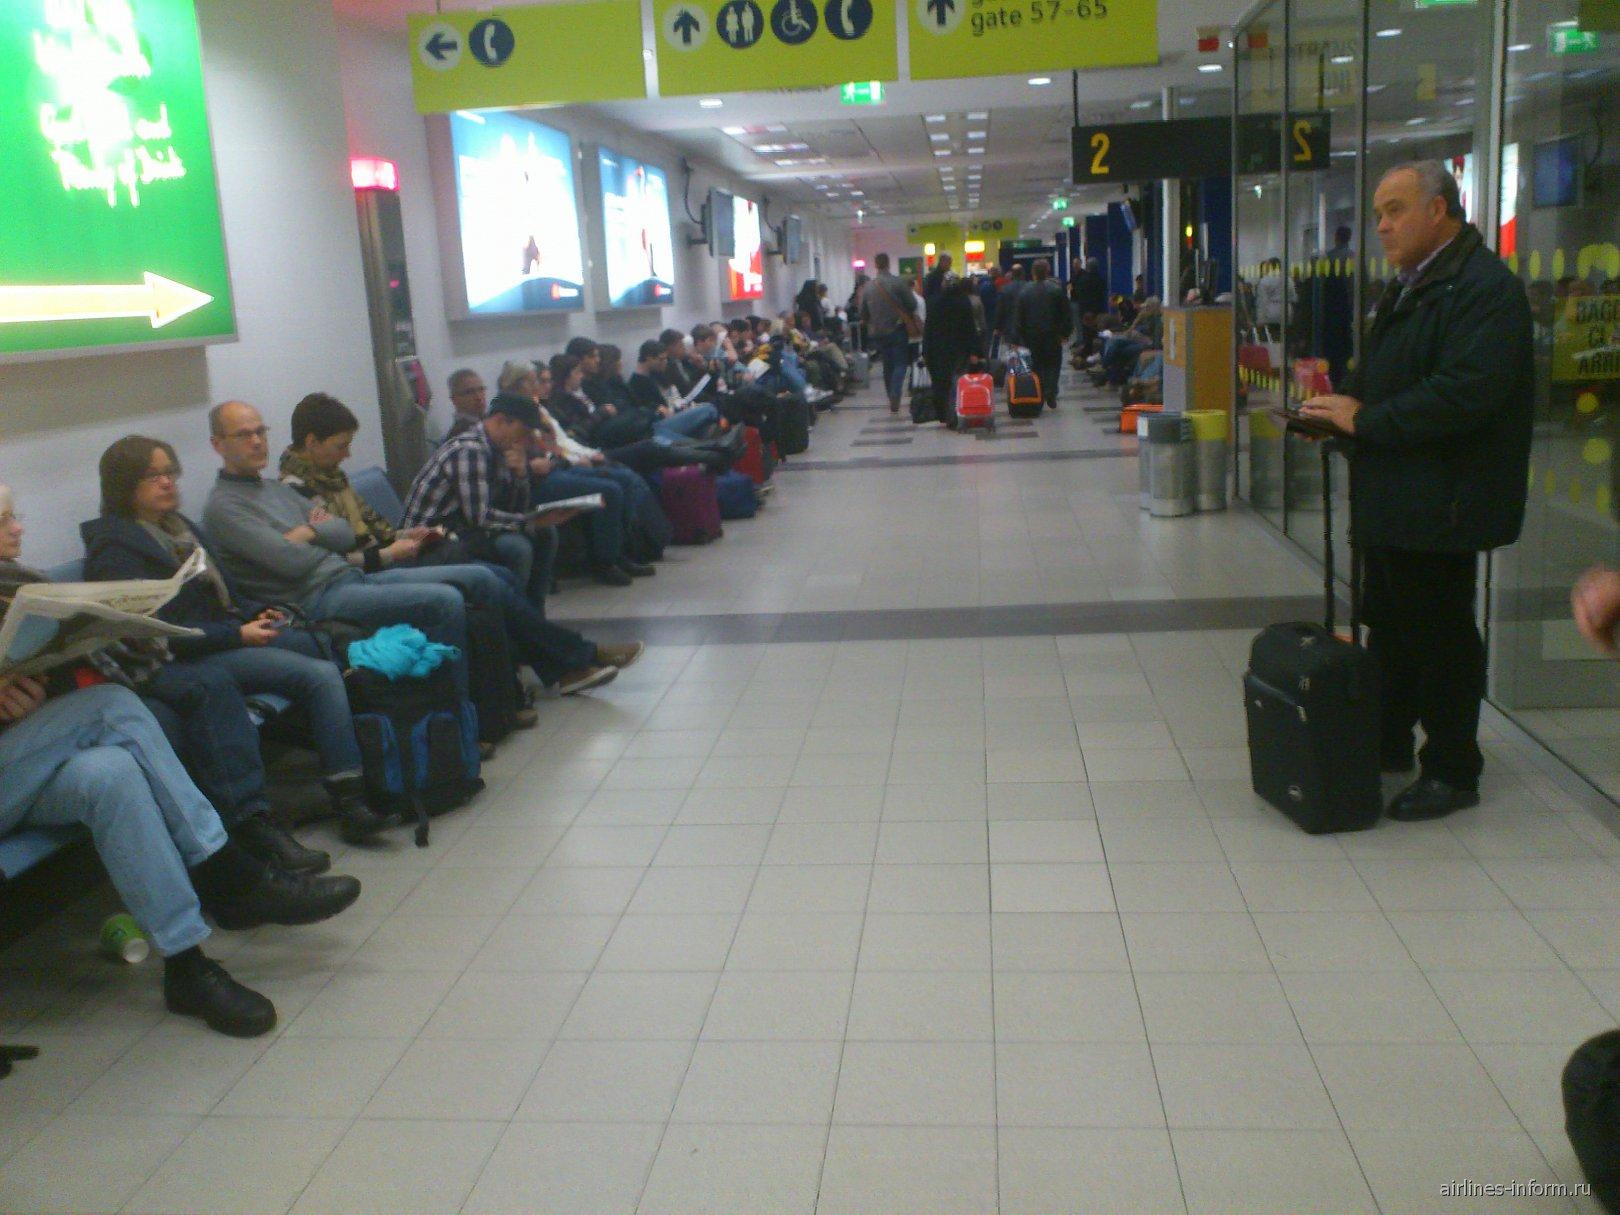 Зал ожидания в терминале B аэропорта Шонефельд в Берлине